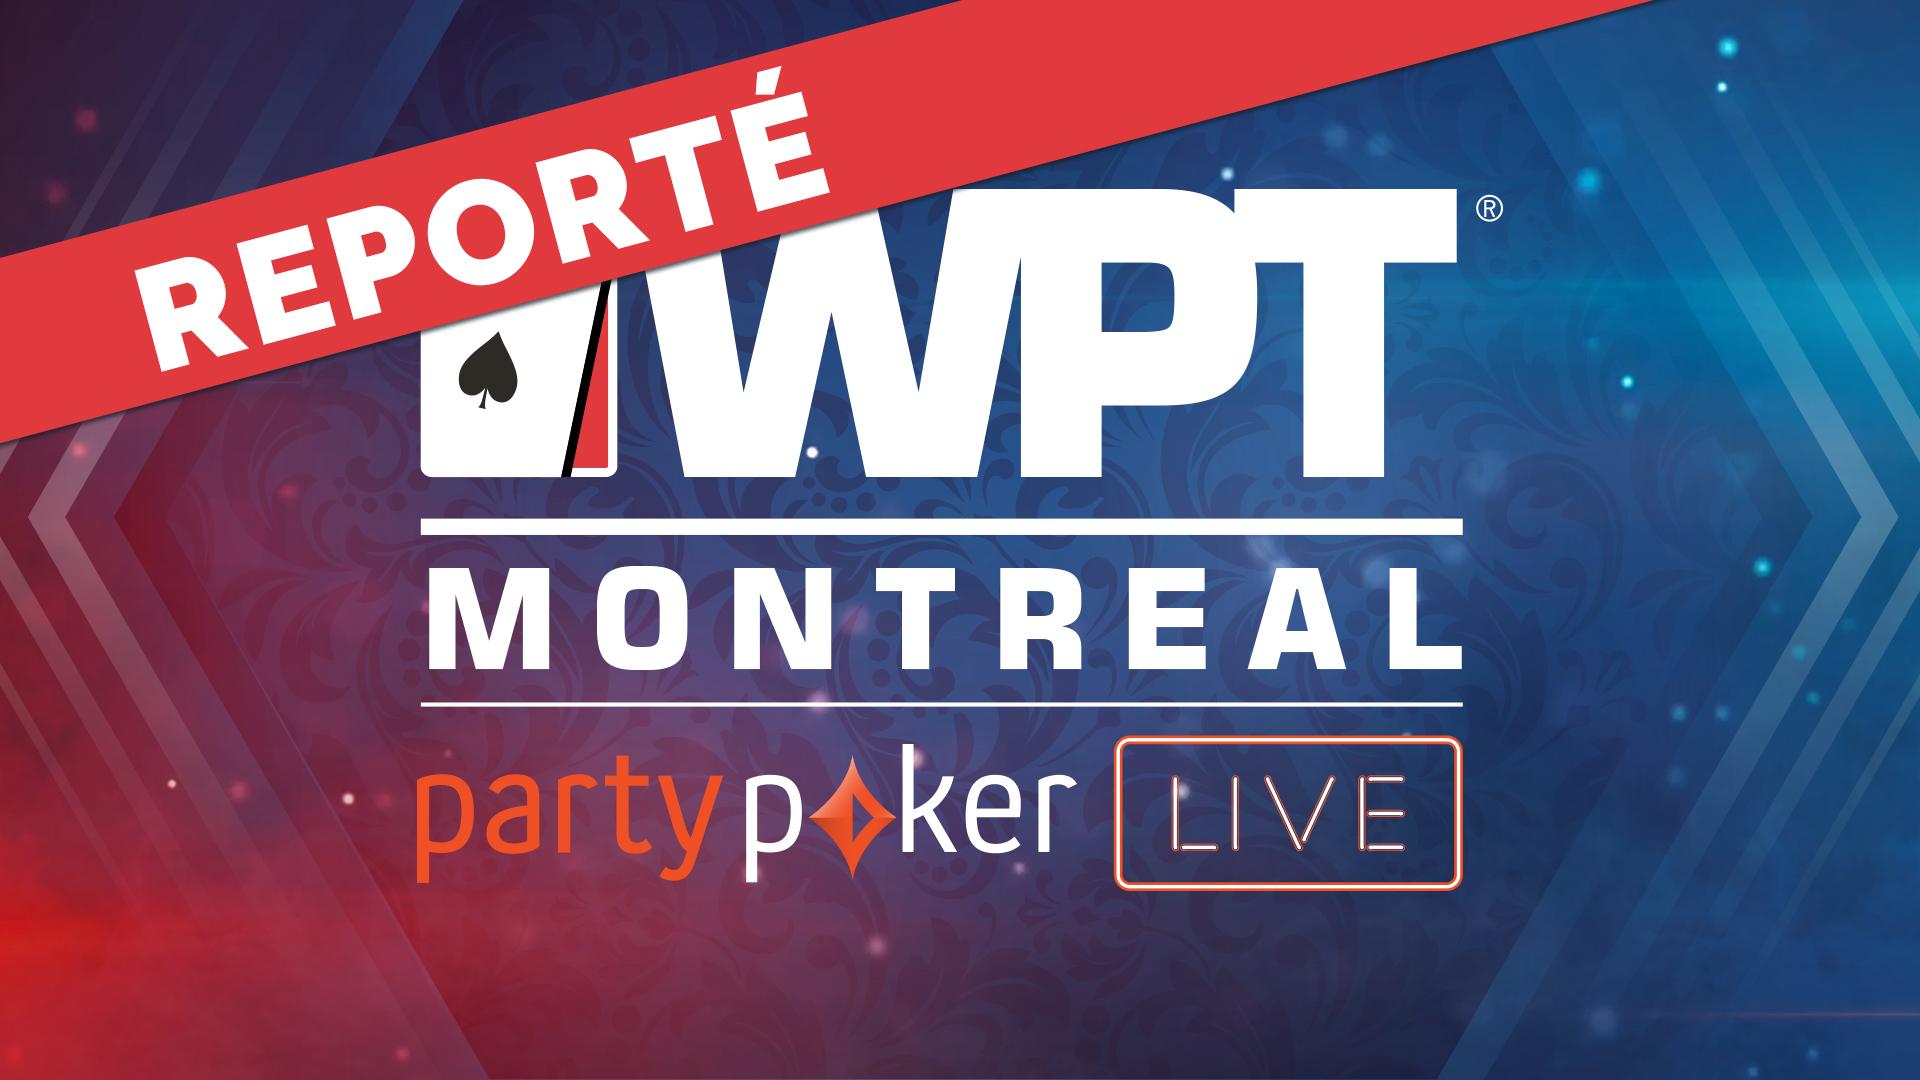 Le WPT Montréal est reporté